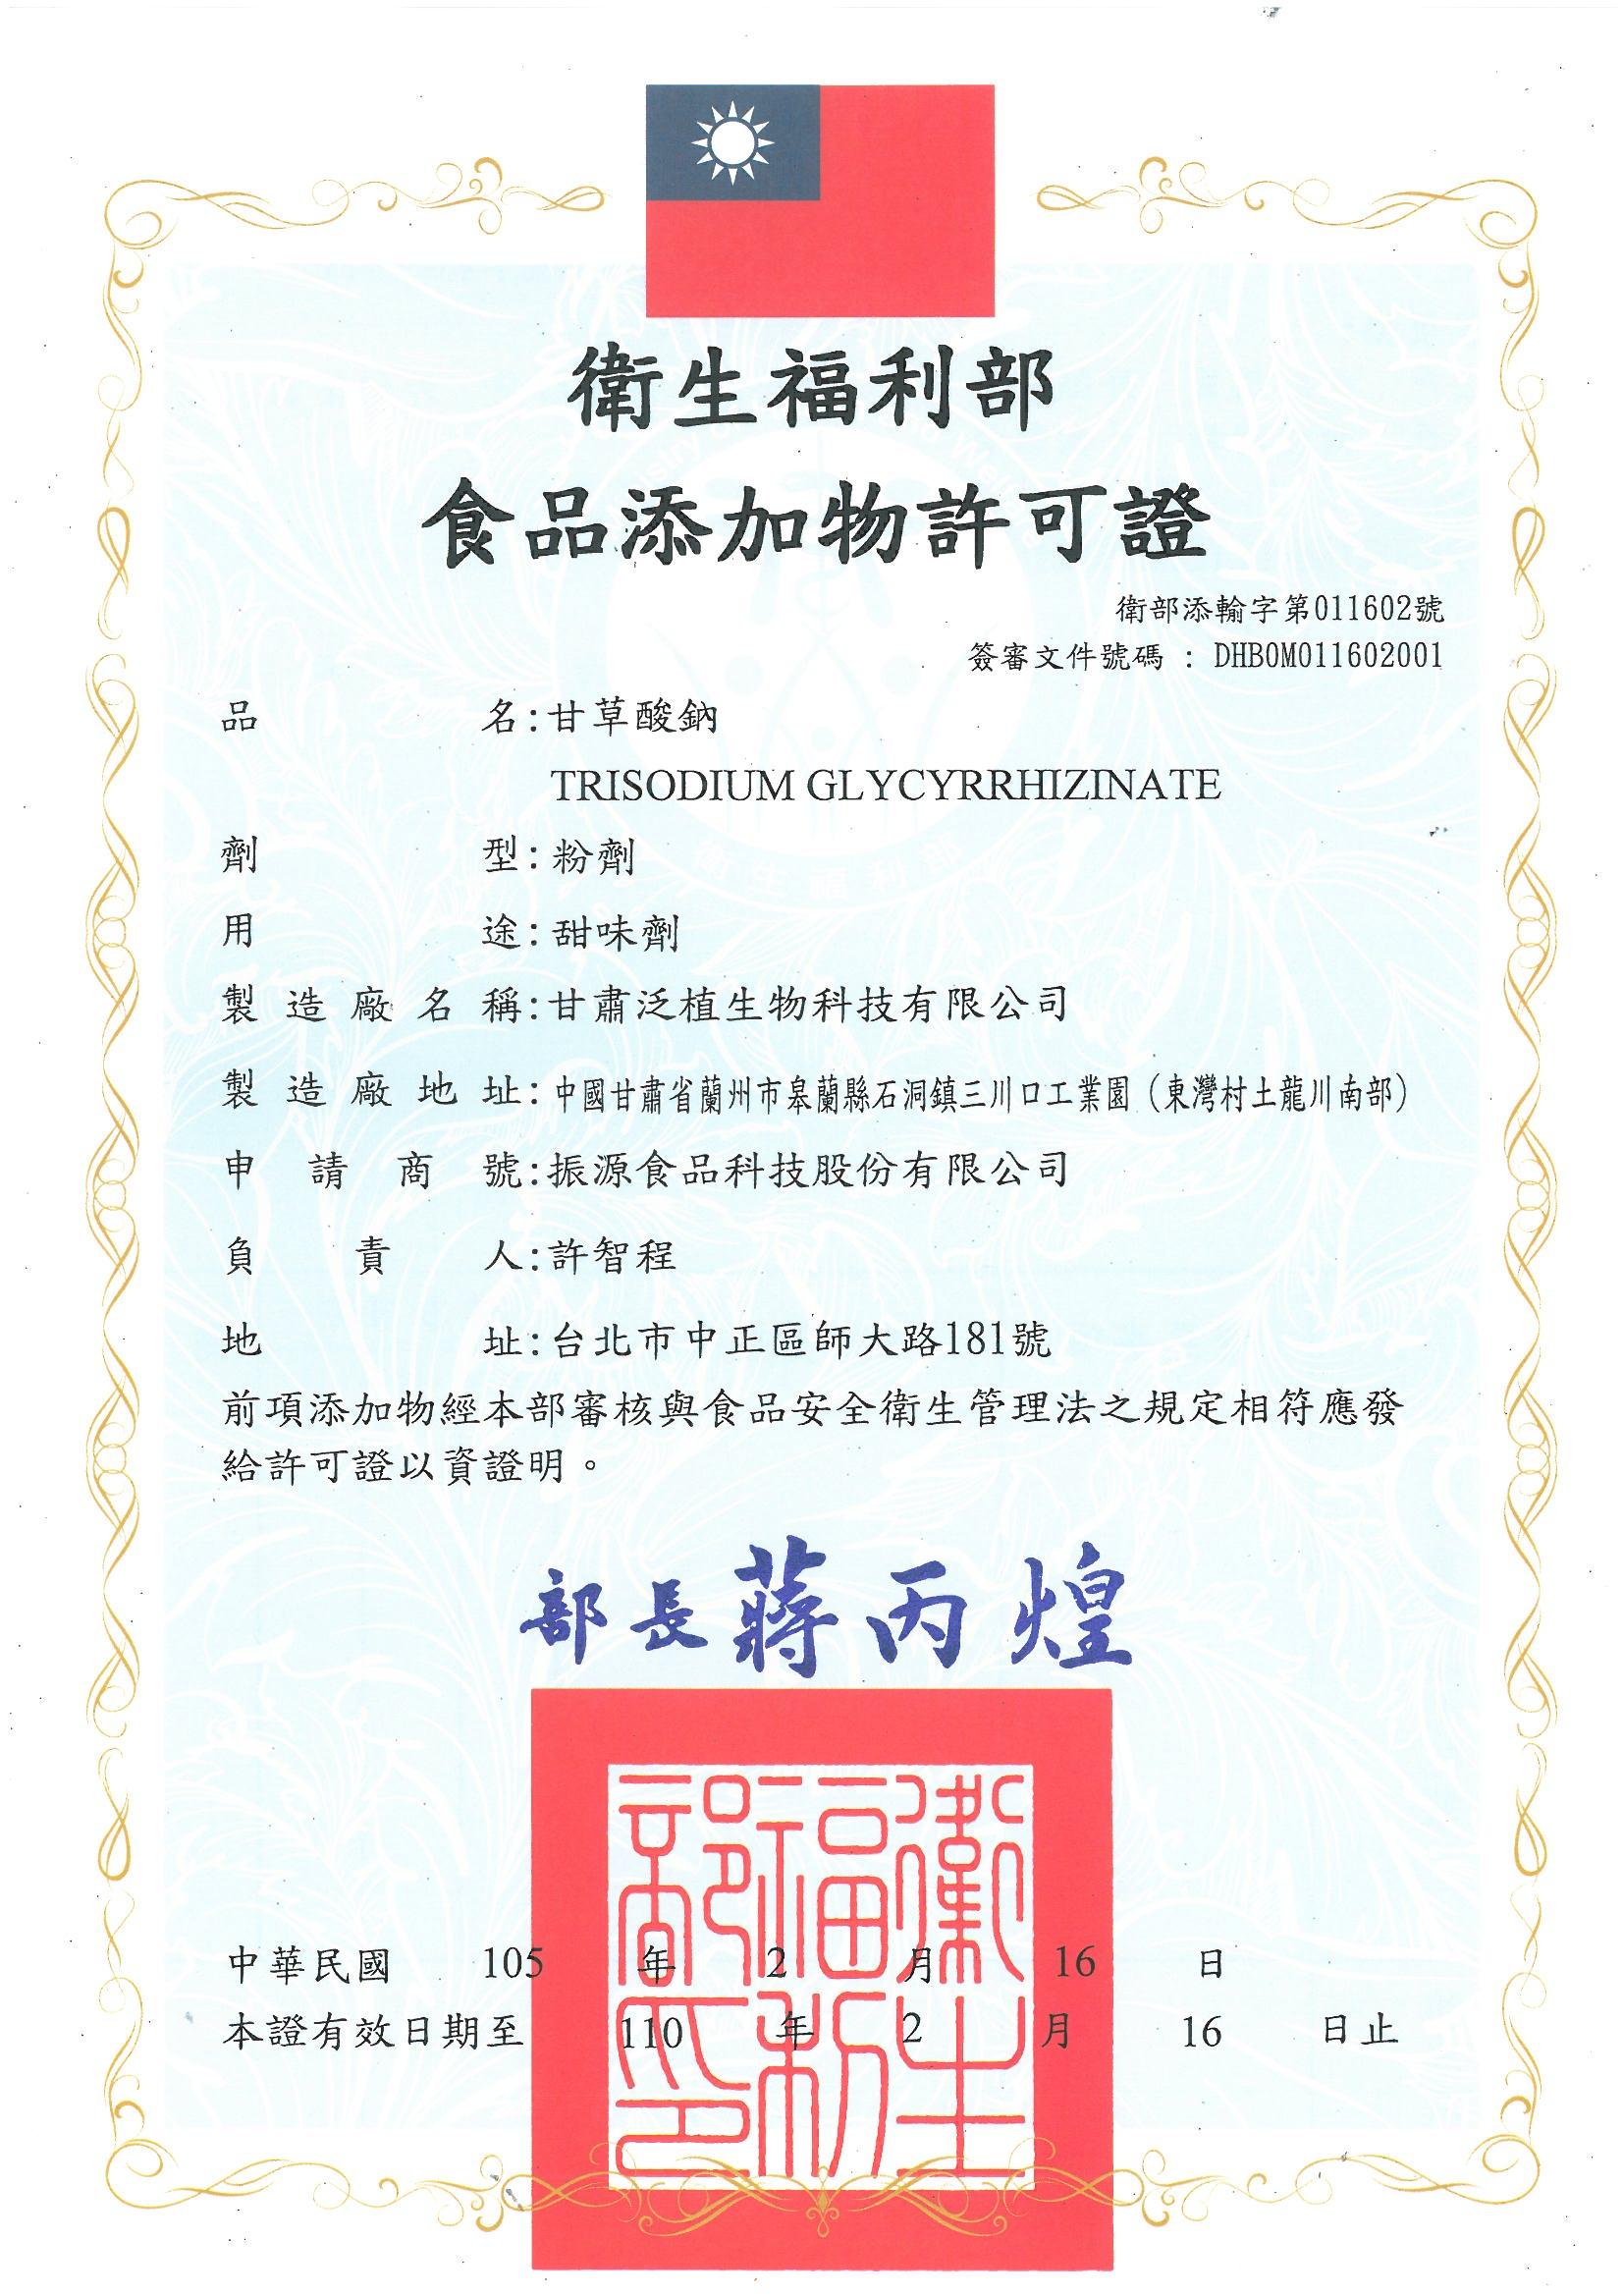 甘草酸钠(在台销售许可证)